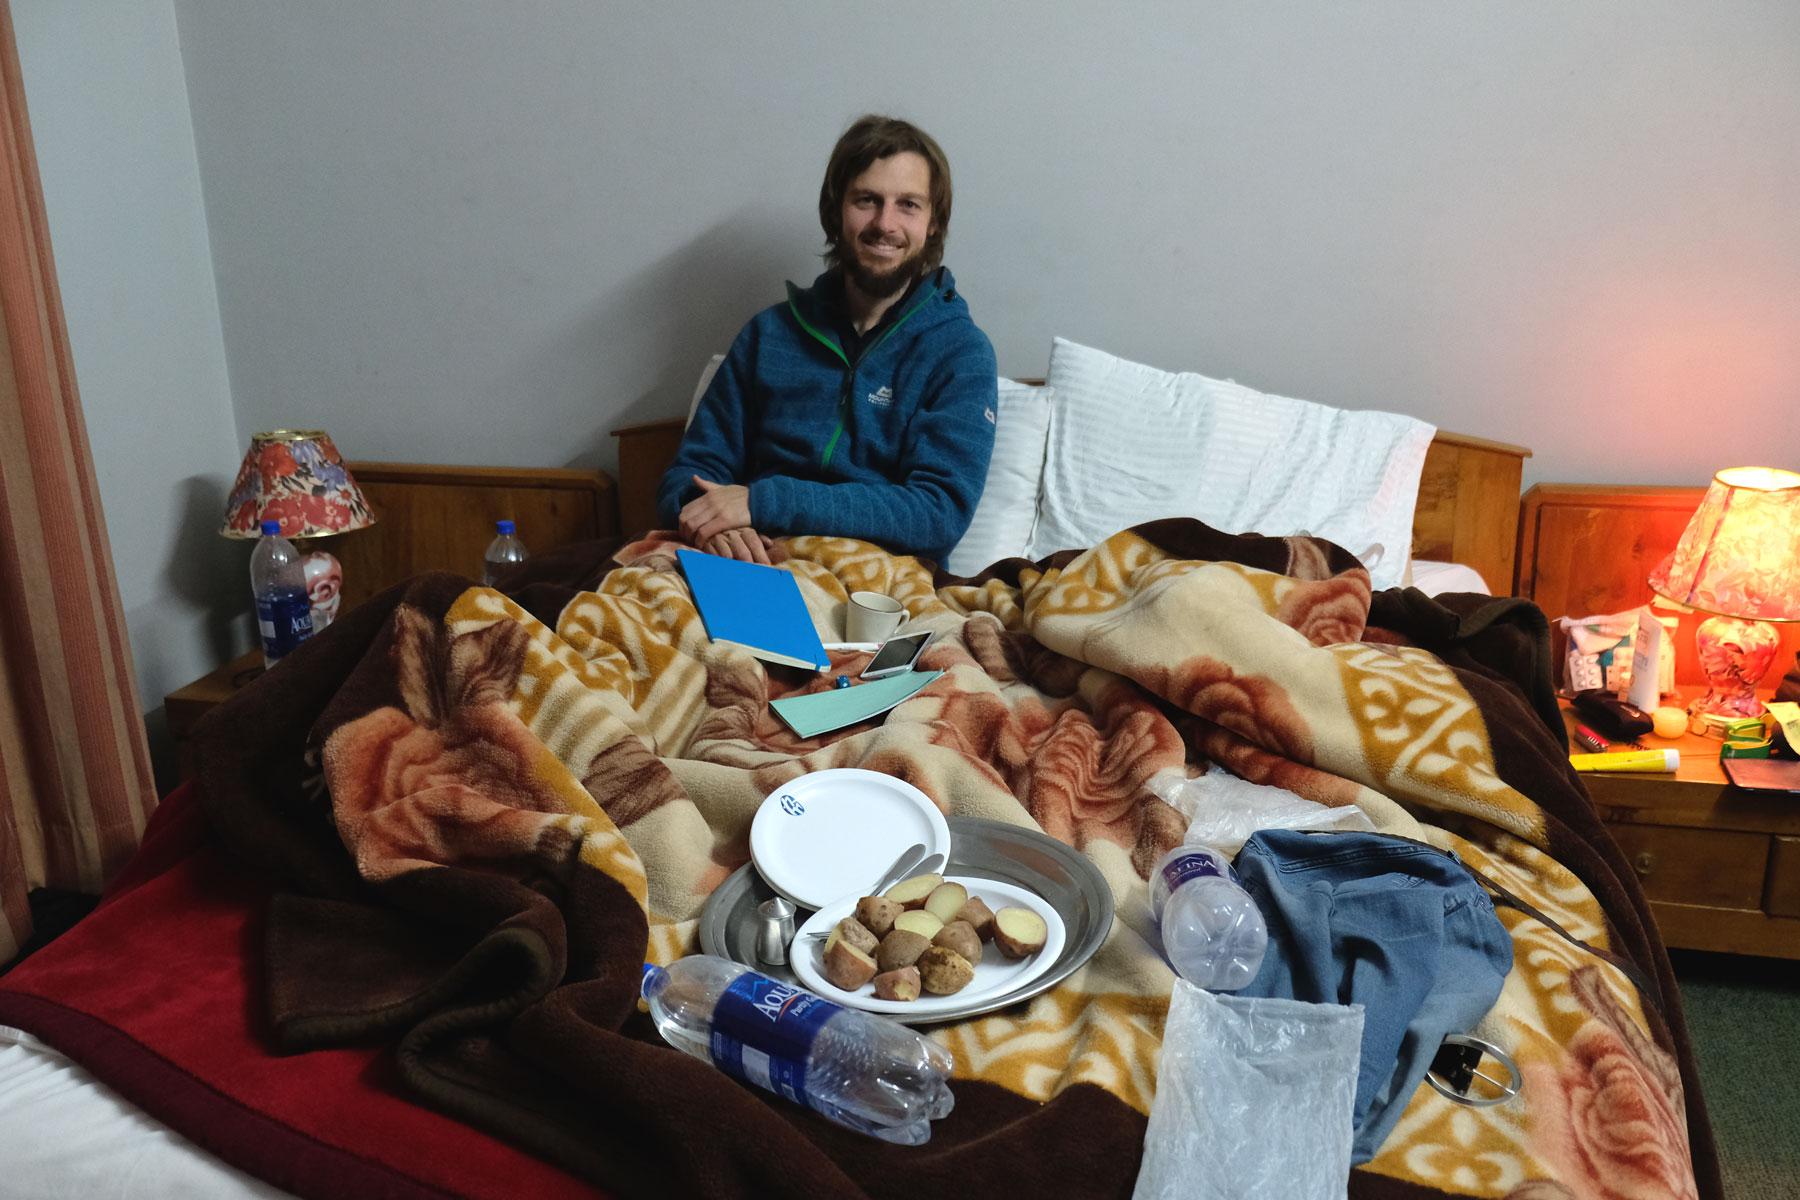 Sebastian sitzt in einem Bett, auf dem Wasserflaschen, ein Buch und ein Teller Kartoffeln liegen.